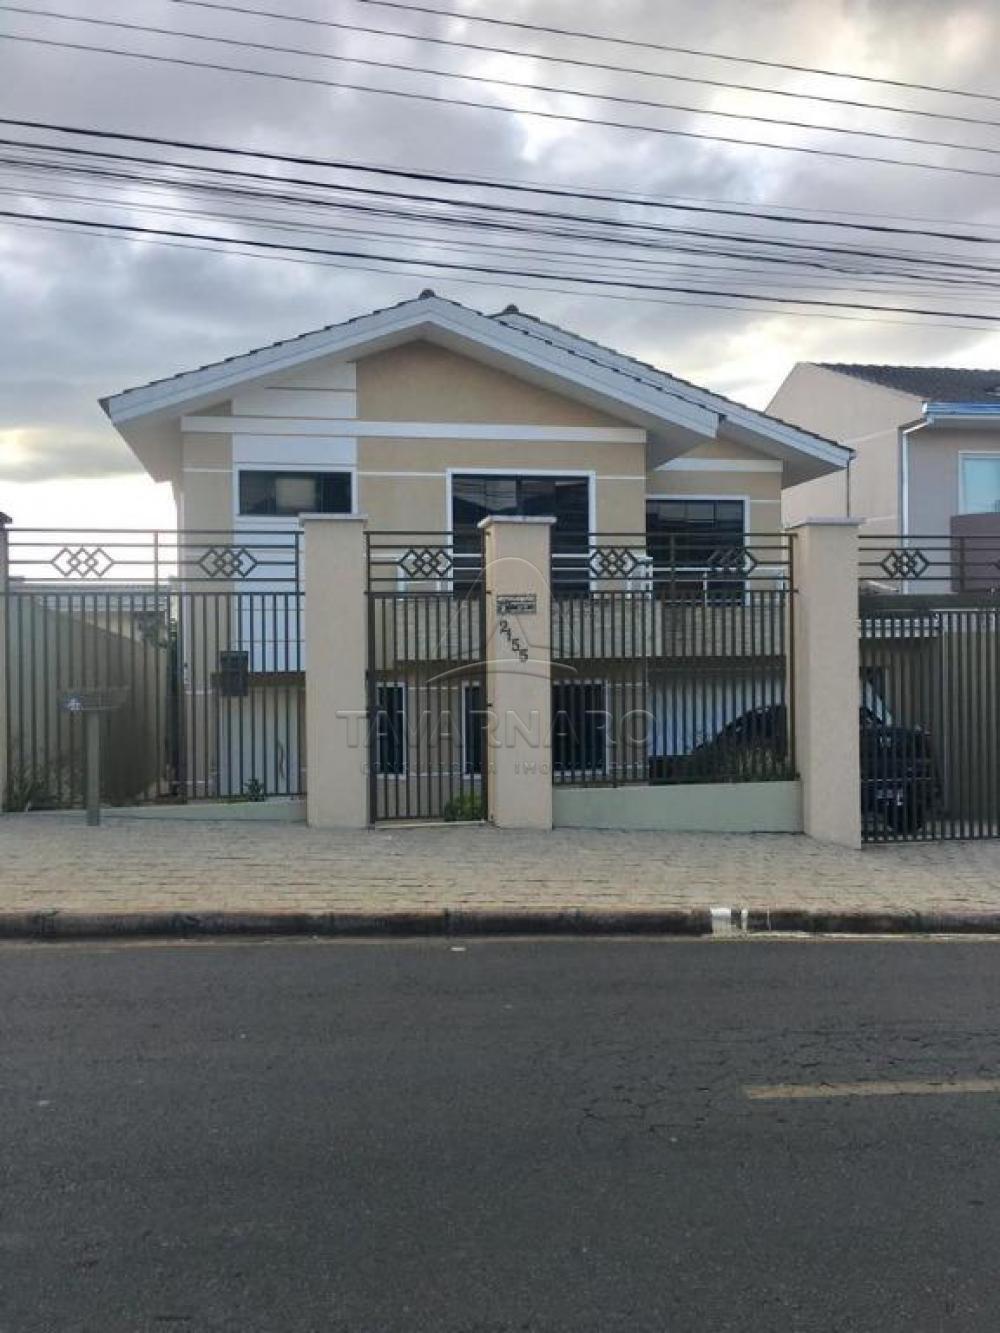 Comprar Casa / Sobrado em Ponta Grossa apenas R$ 765.000,00 - Foto 1